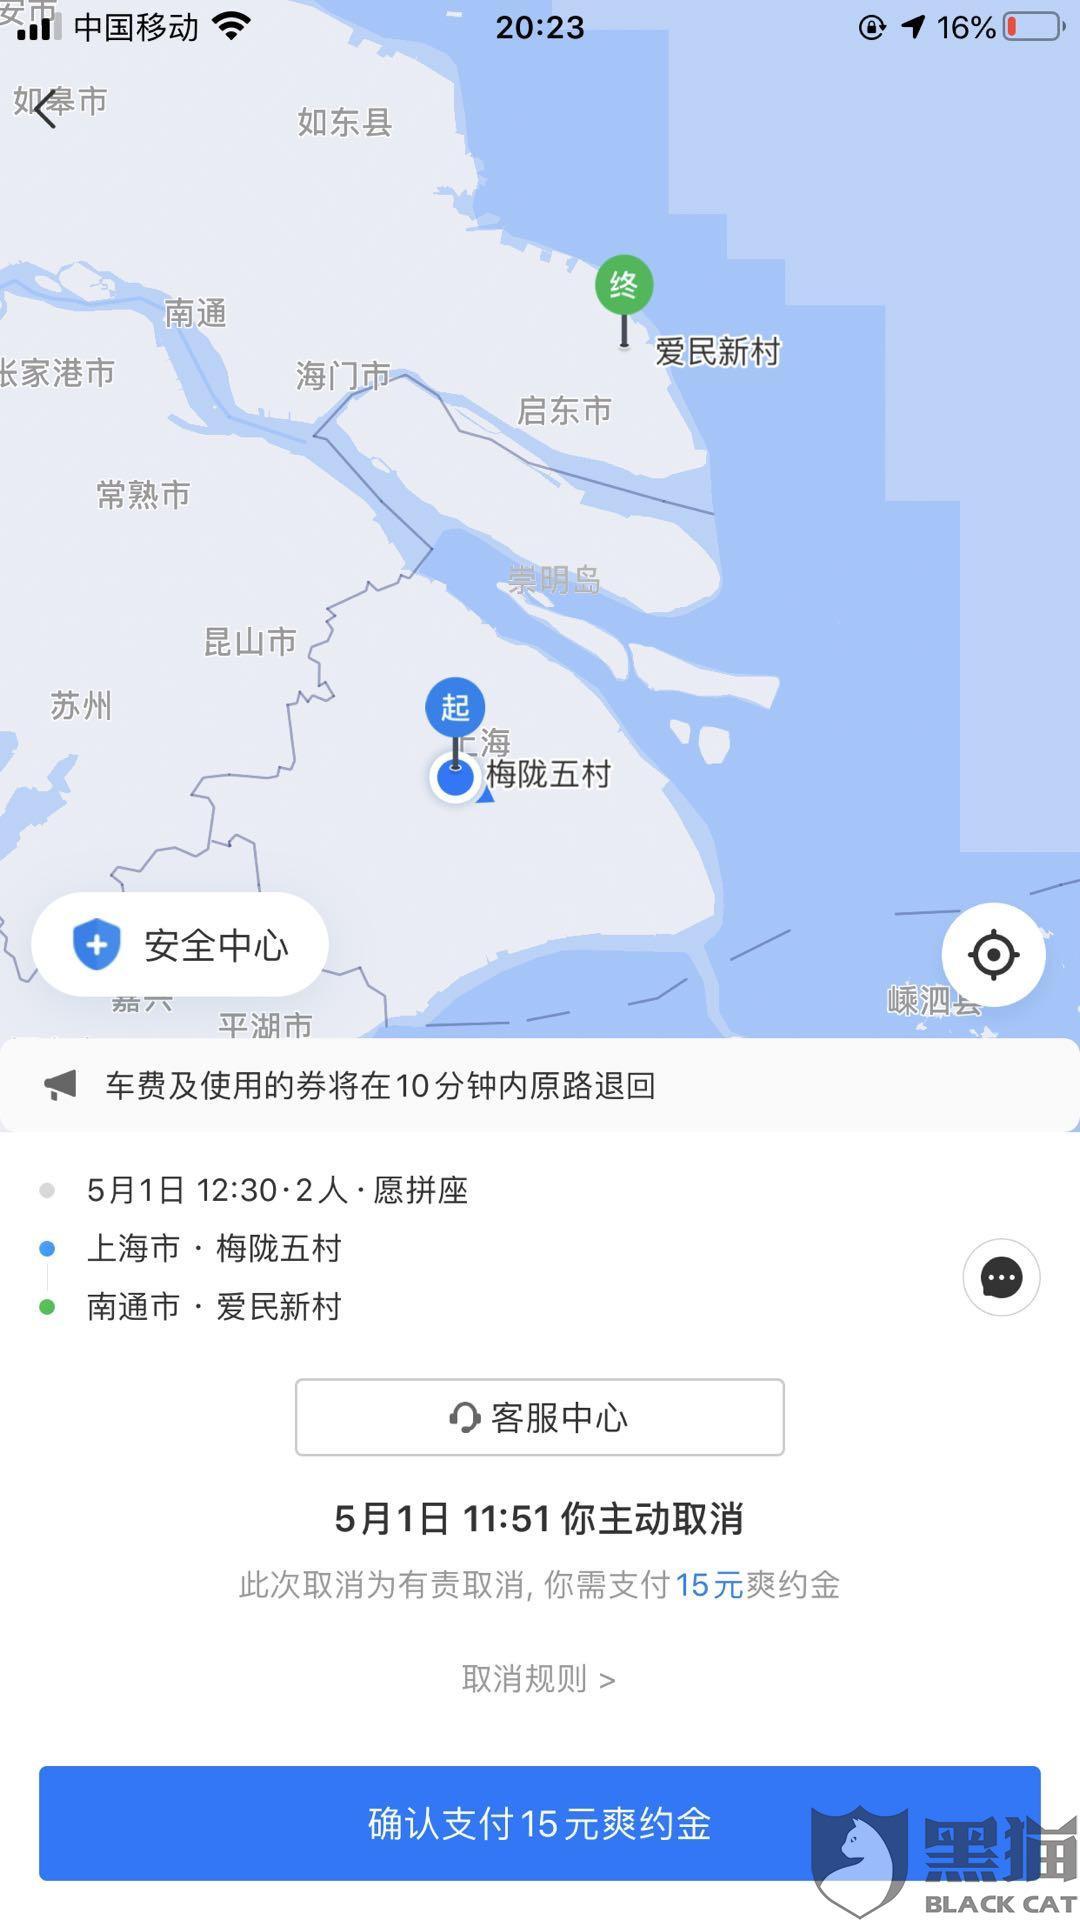 黑猫投诉:5月1日使用哈罗出行,预约了中午12:30的顺风车,车主来到以后,要求现场加价